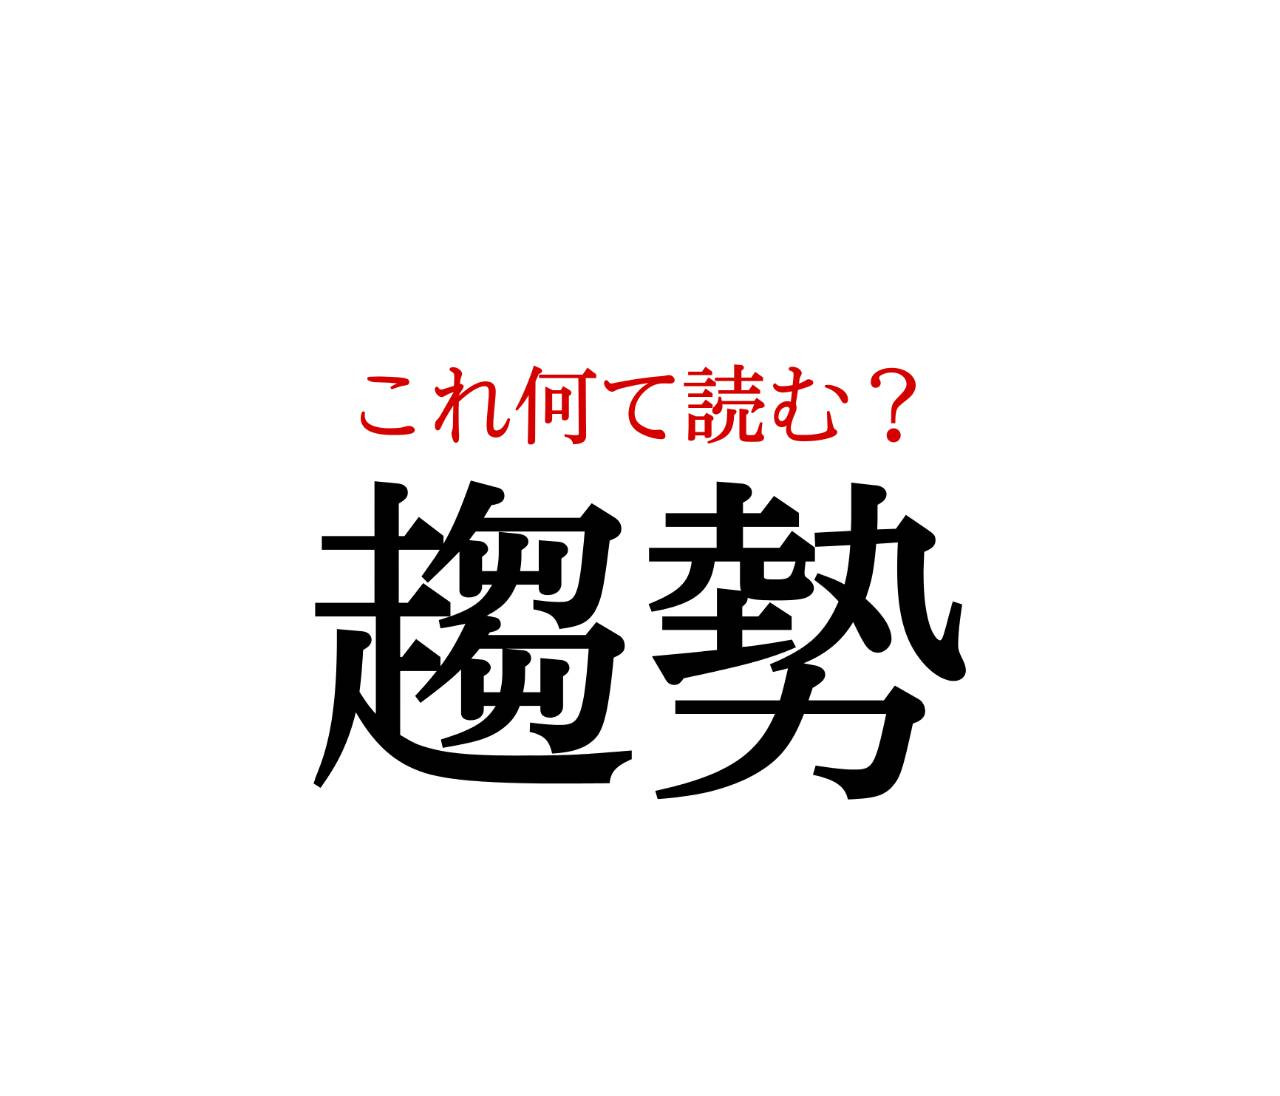 「趨勢」:この漢字、自信を持って読めますか?【働く大人の漢字クイズvol.115】